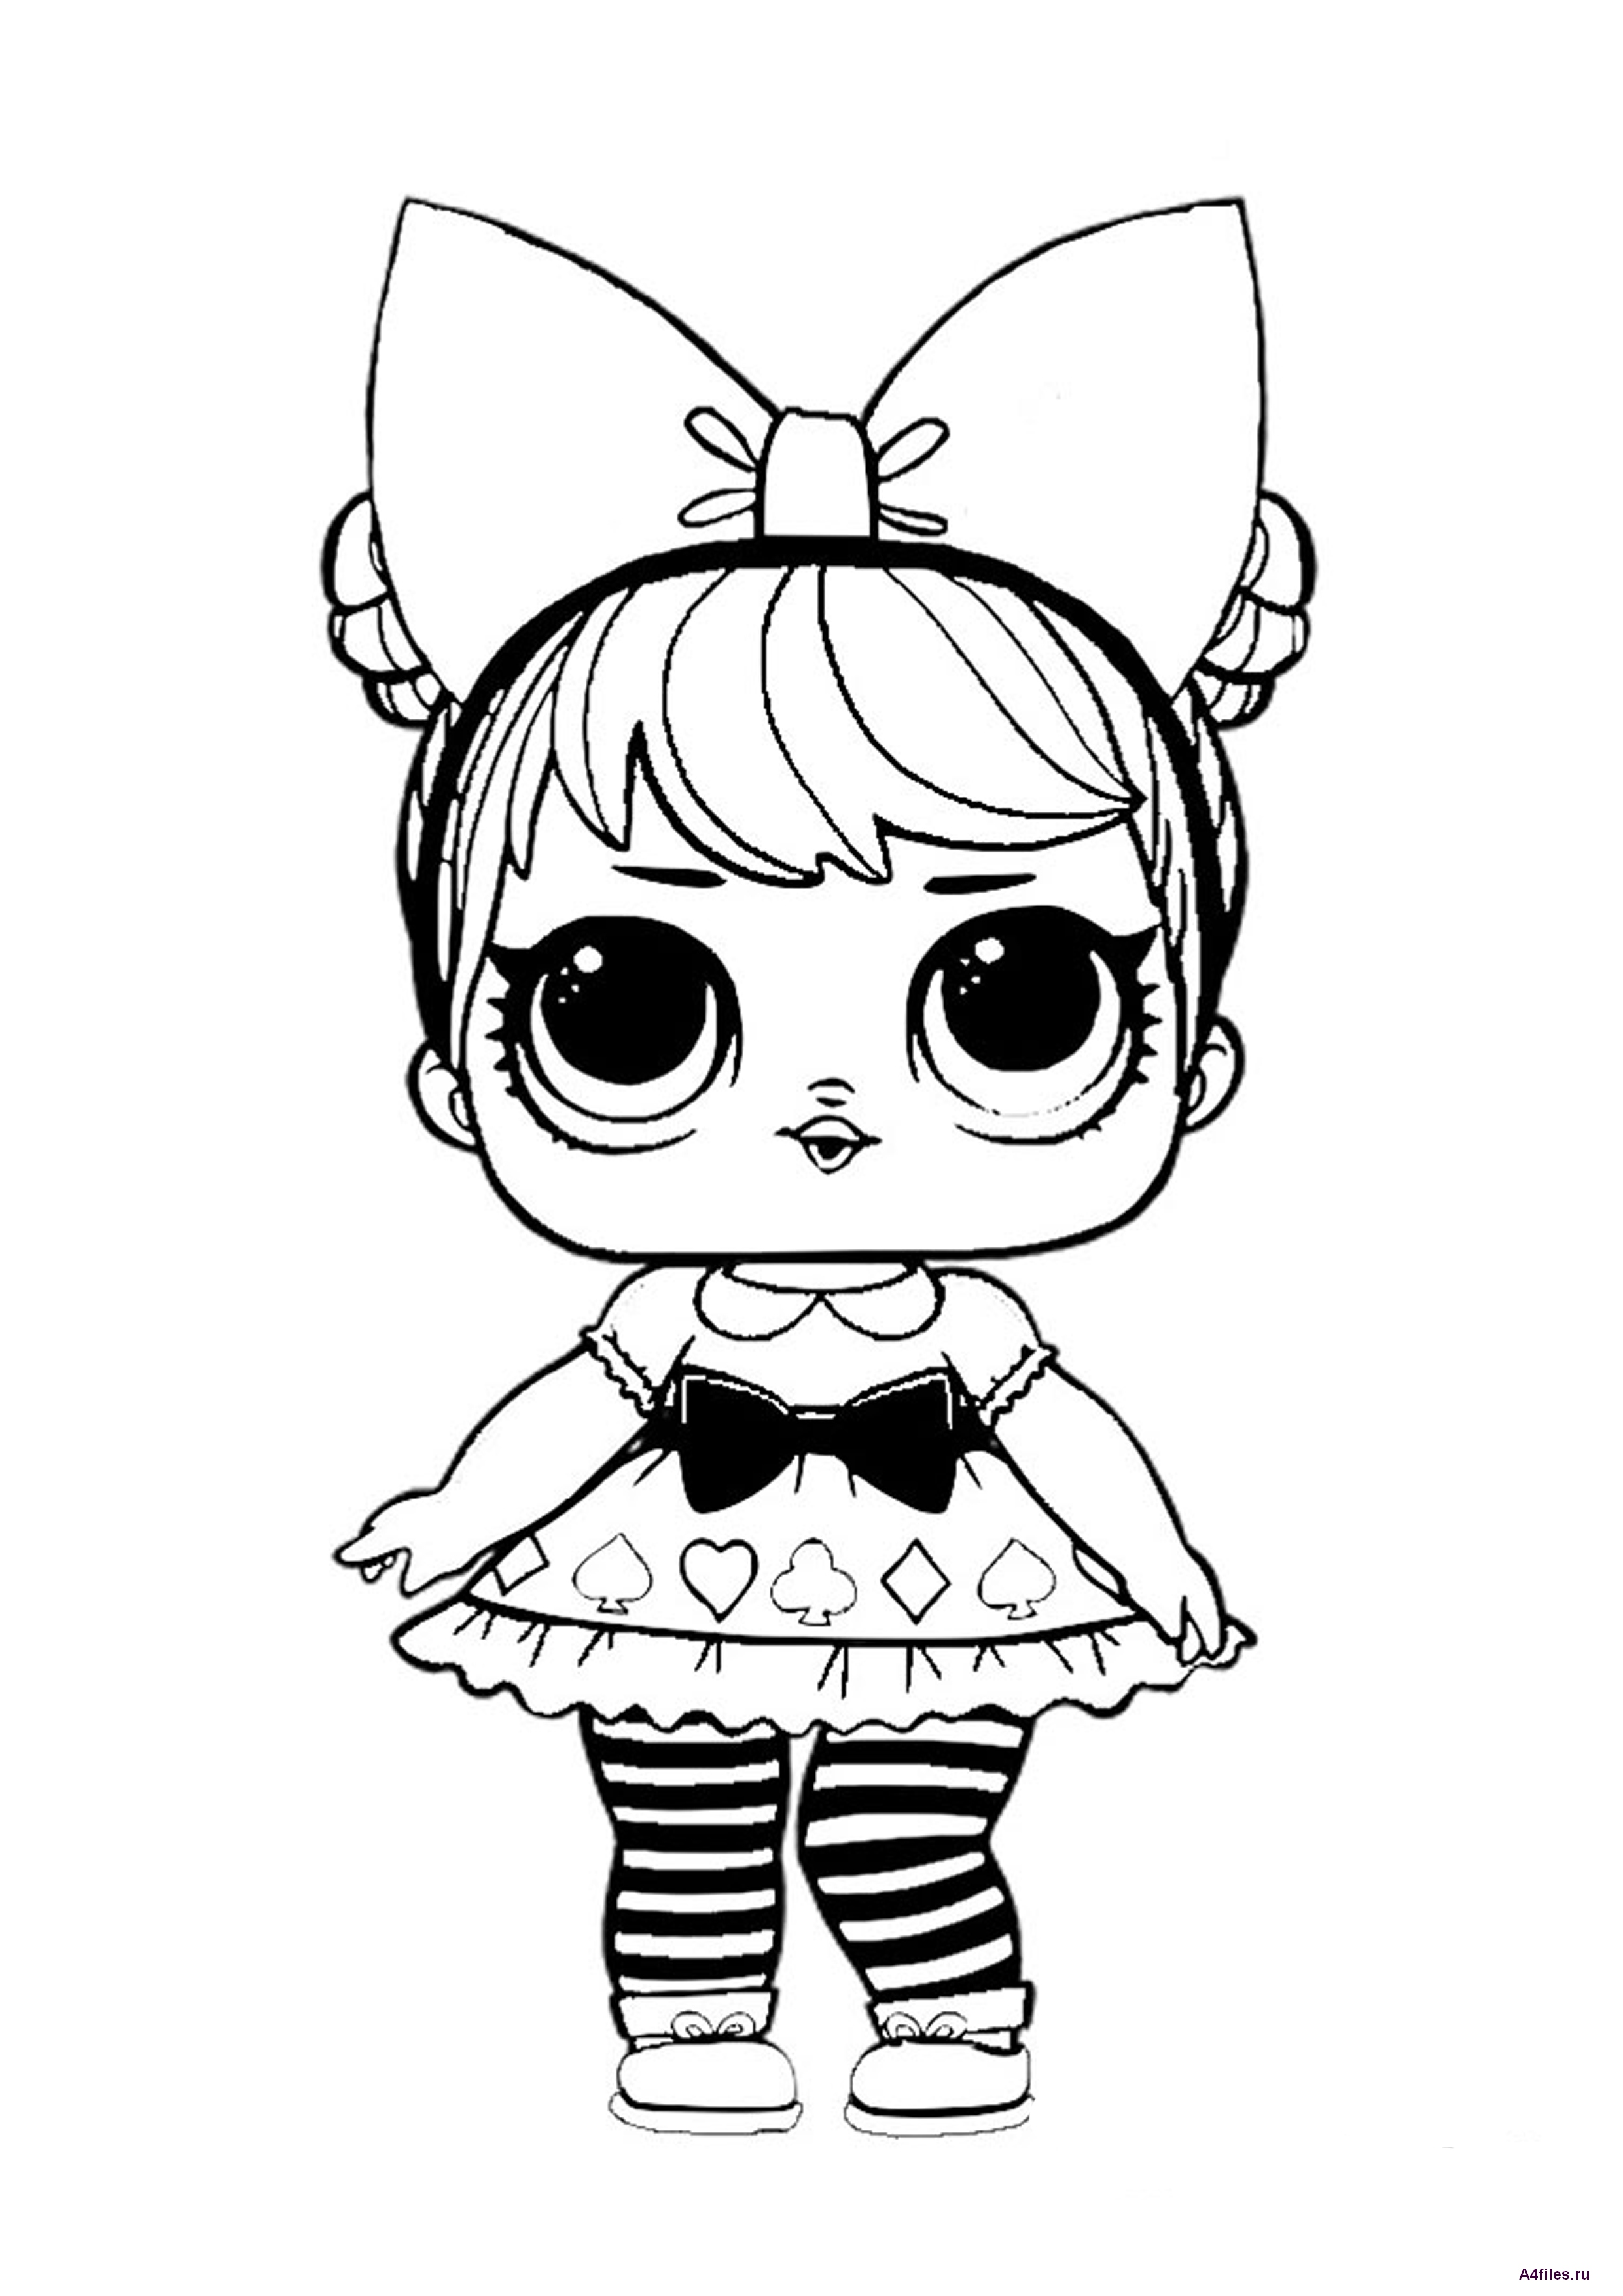 Красивая кукла ЛОЛ с бантом - раскраска для девочек ...